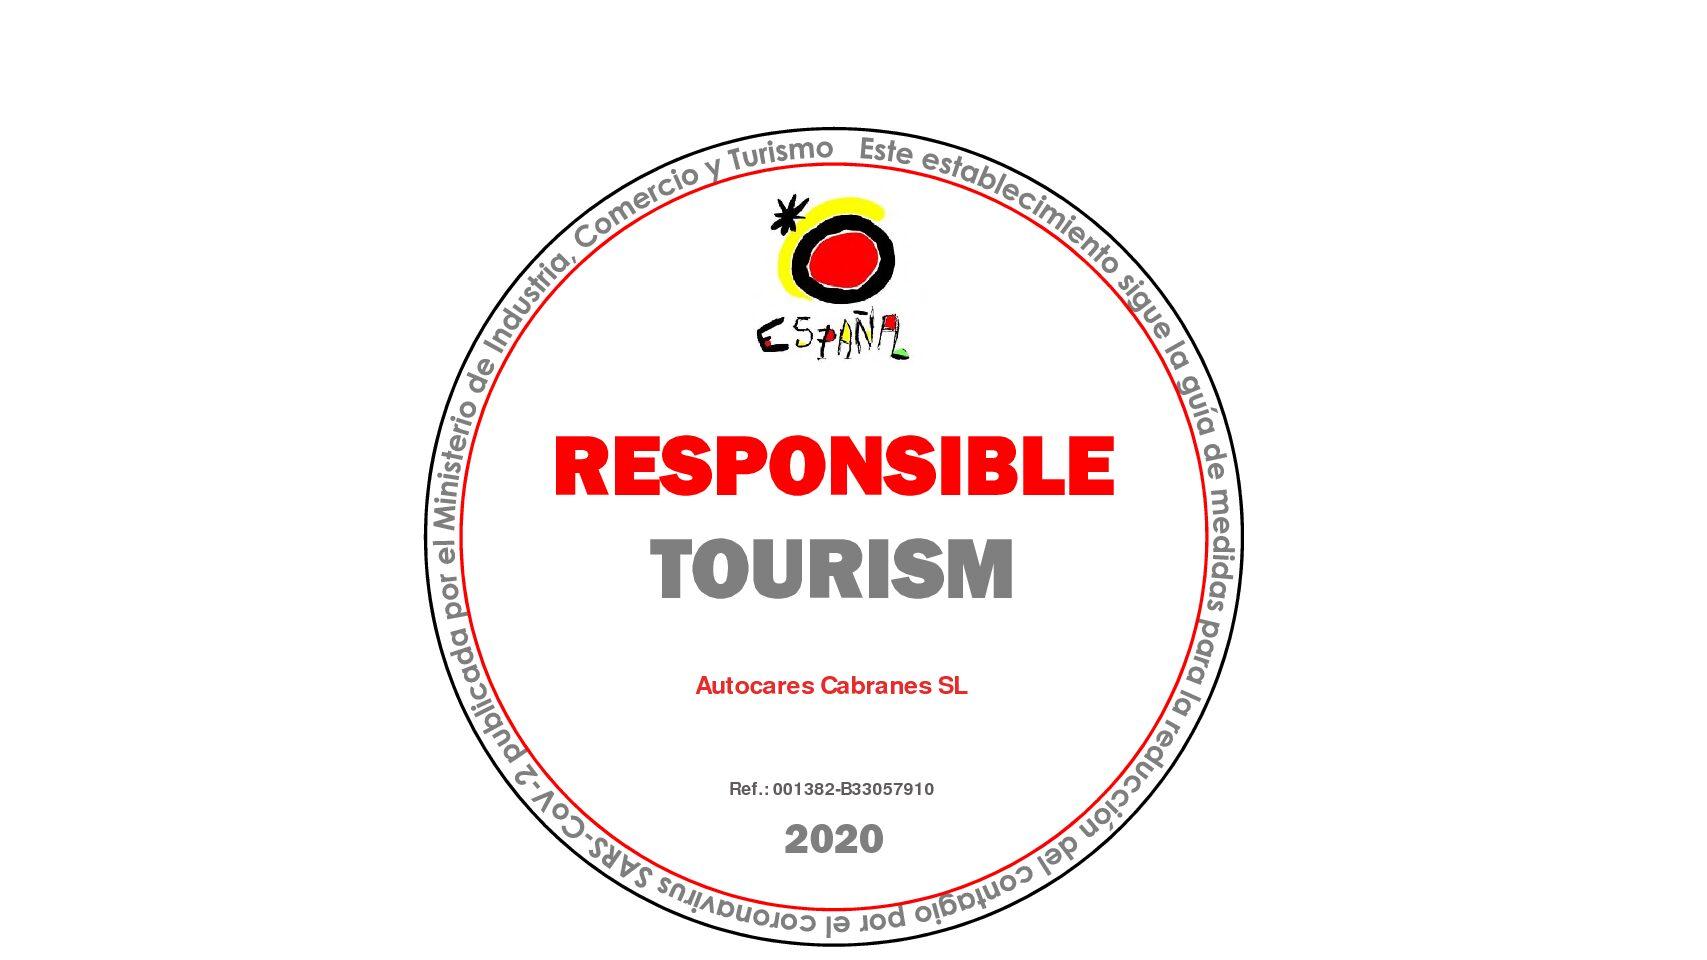 Autocares Cabranes acredita su compromiso por un Turismo Seguro